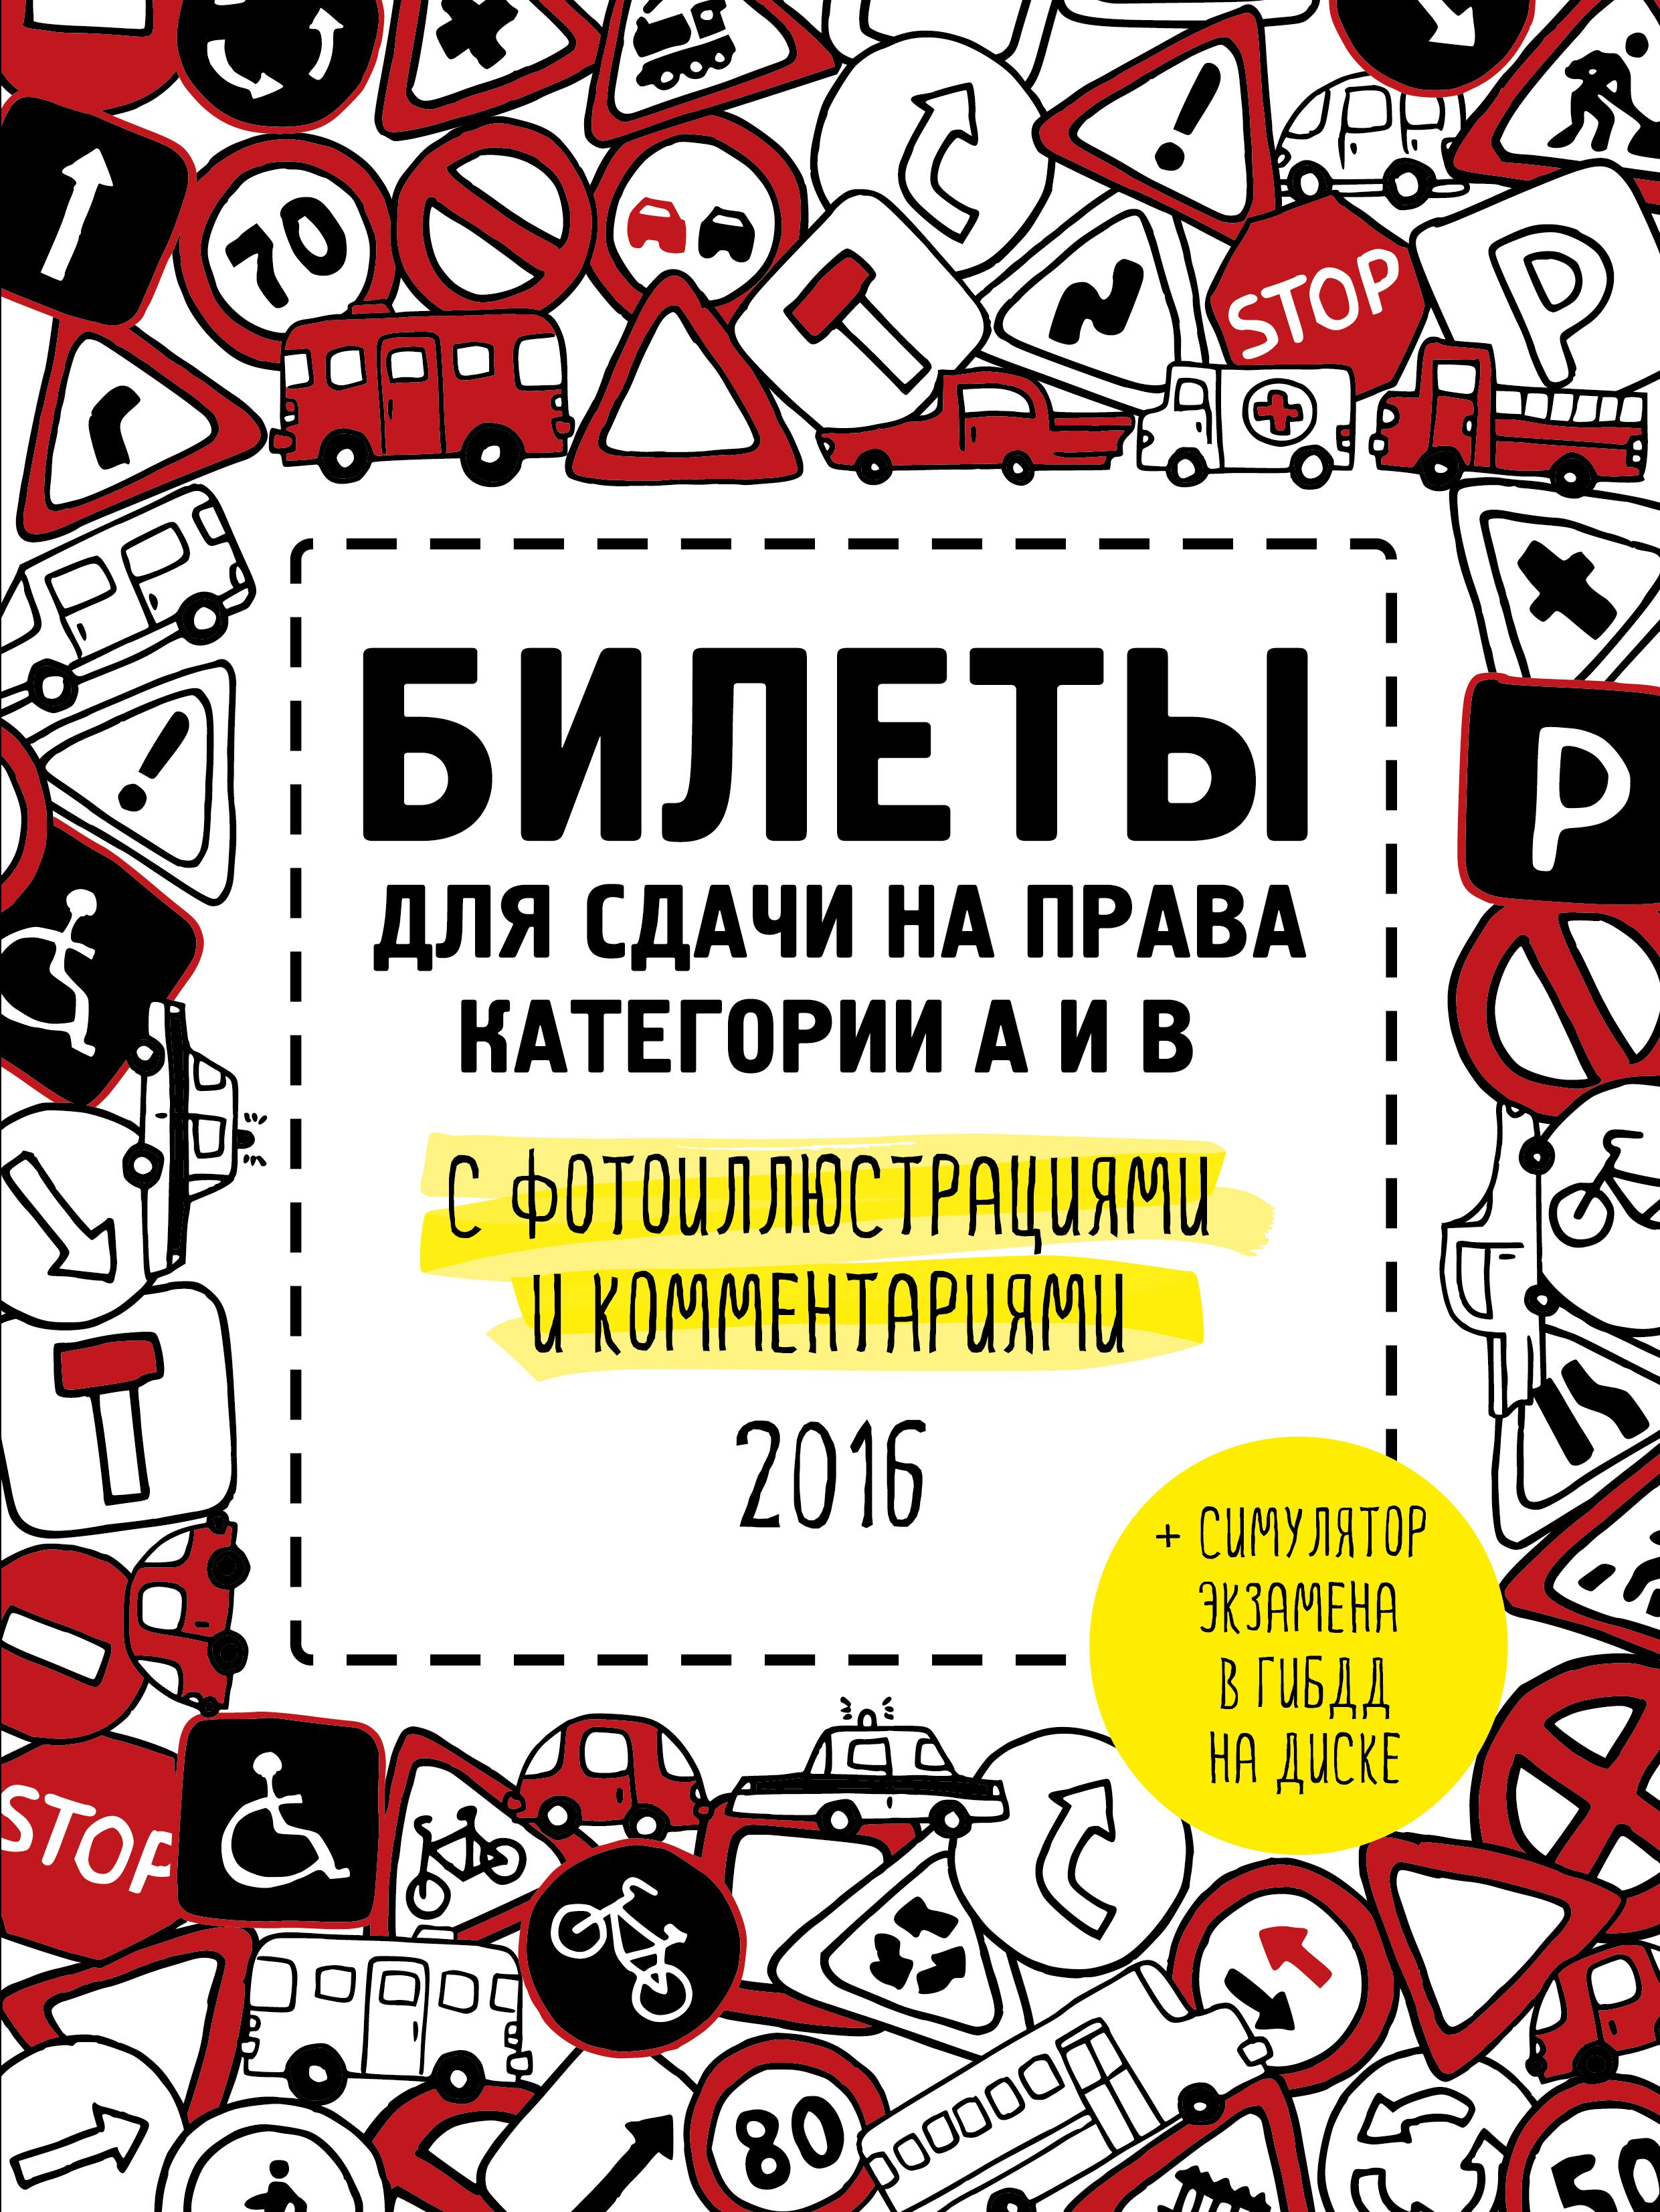 Билеты для сдачи на права категории А и В с фотоиллюстрациями и комментариями (актуальны на 2016 год) (+симулятор экзамена на DVD)